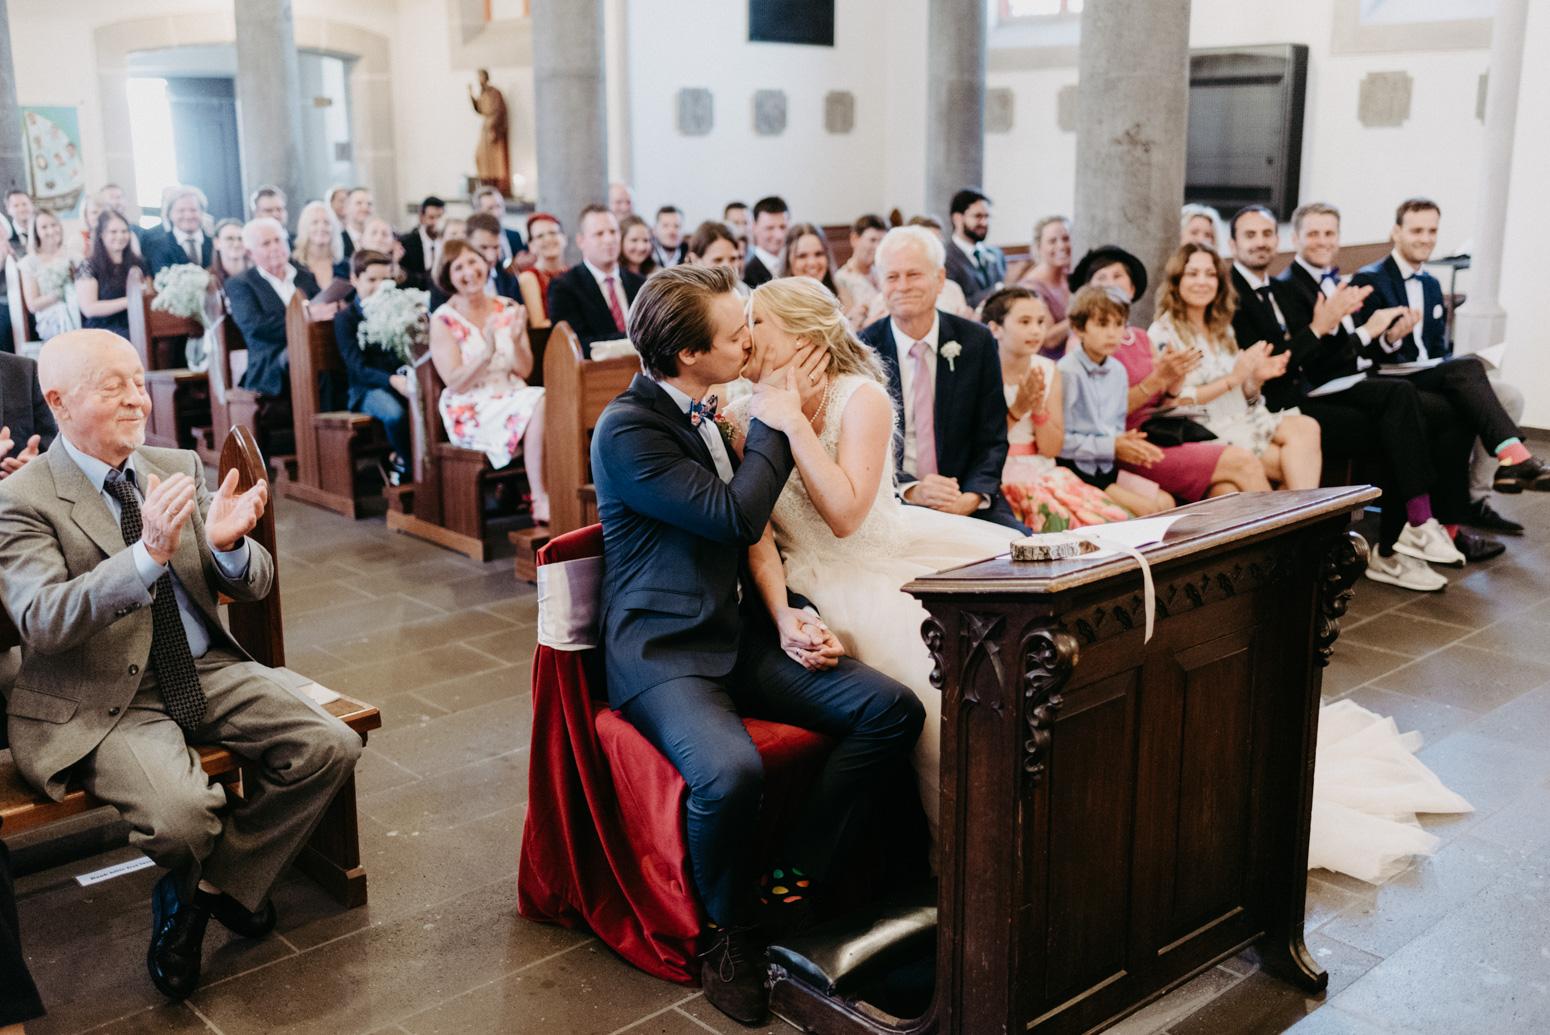 Der Hochzeitskuss bei einer Trauung in der St. Laurentius Kirche in Oberwinter.